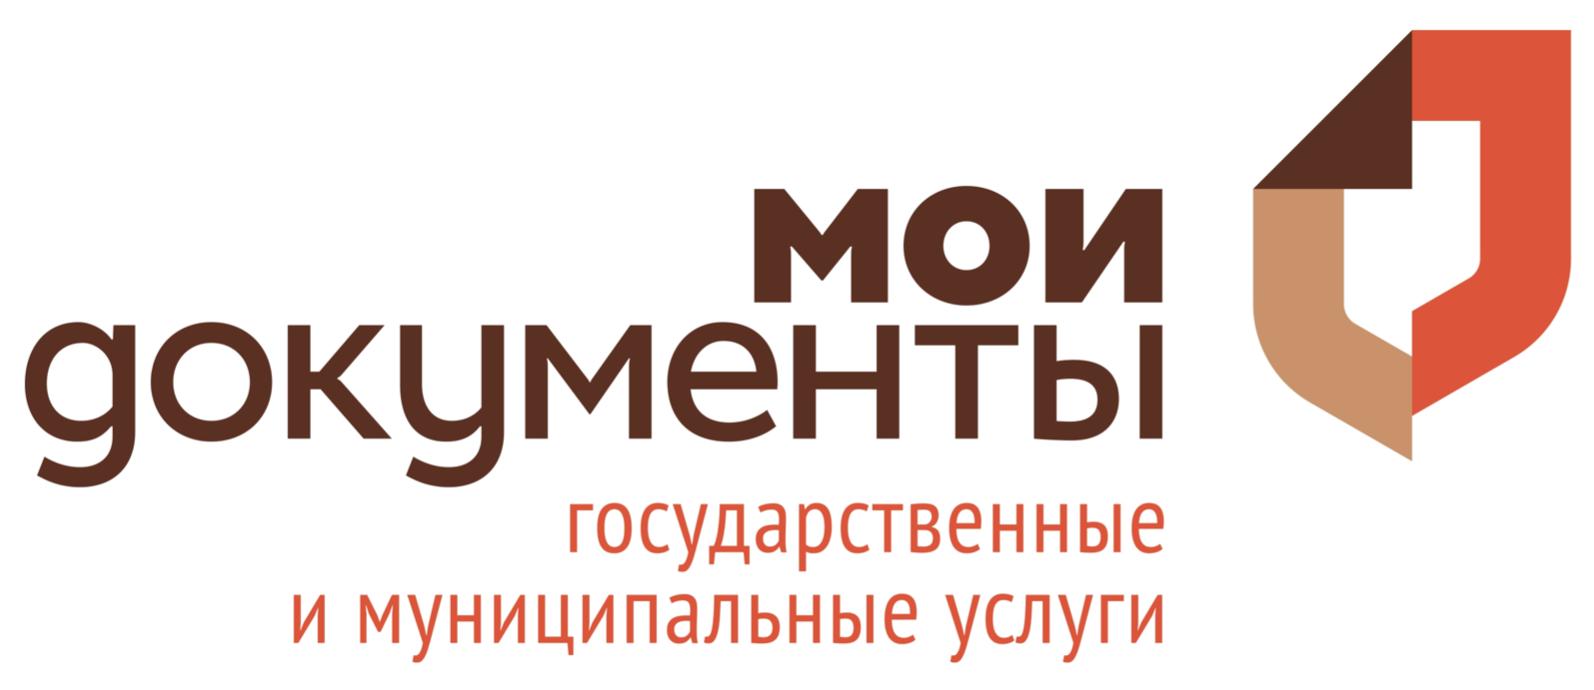 МФЦ ГОРОДА МОСКВЫ